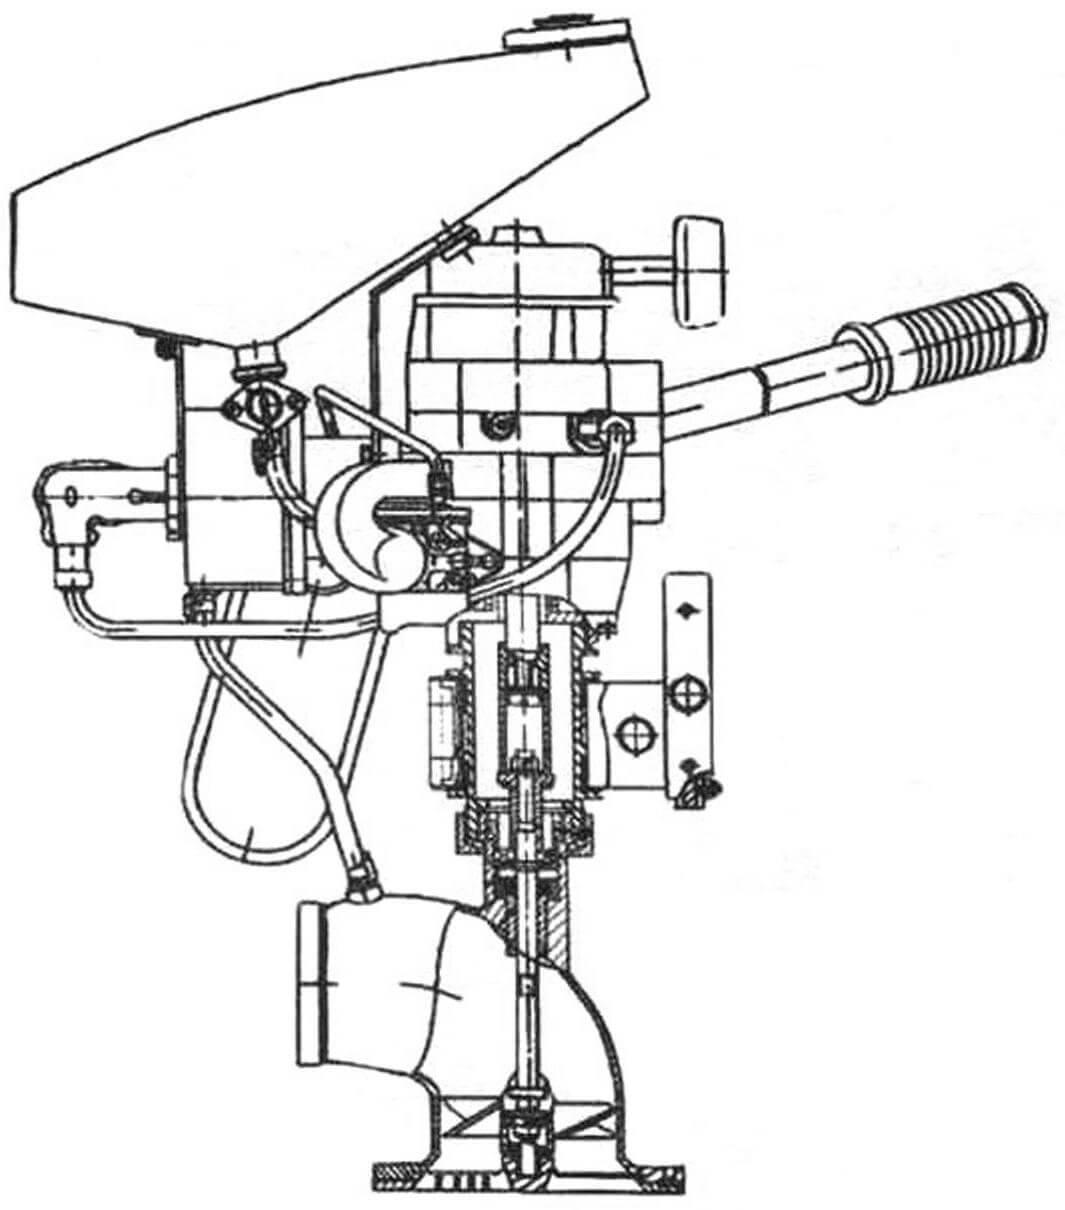 «Микроша» северодвинского производства с двигателем Д-10С, 2000 г.